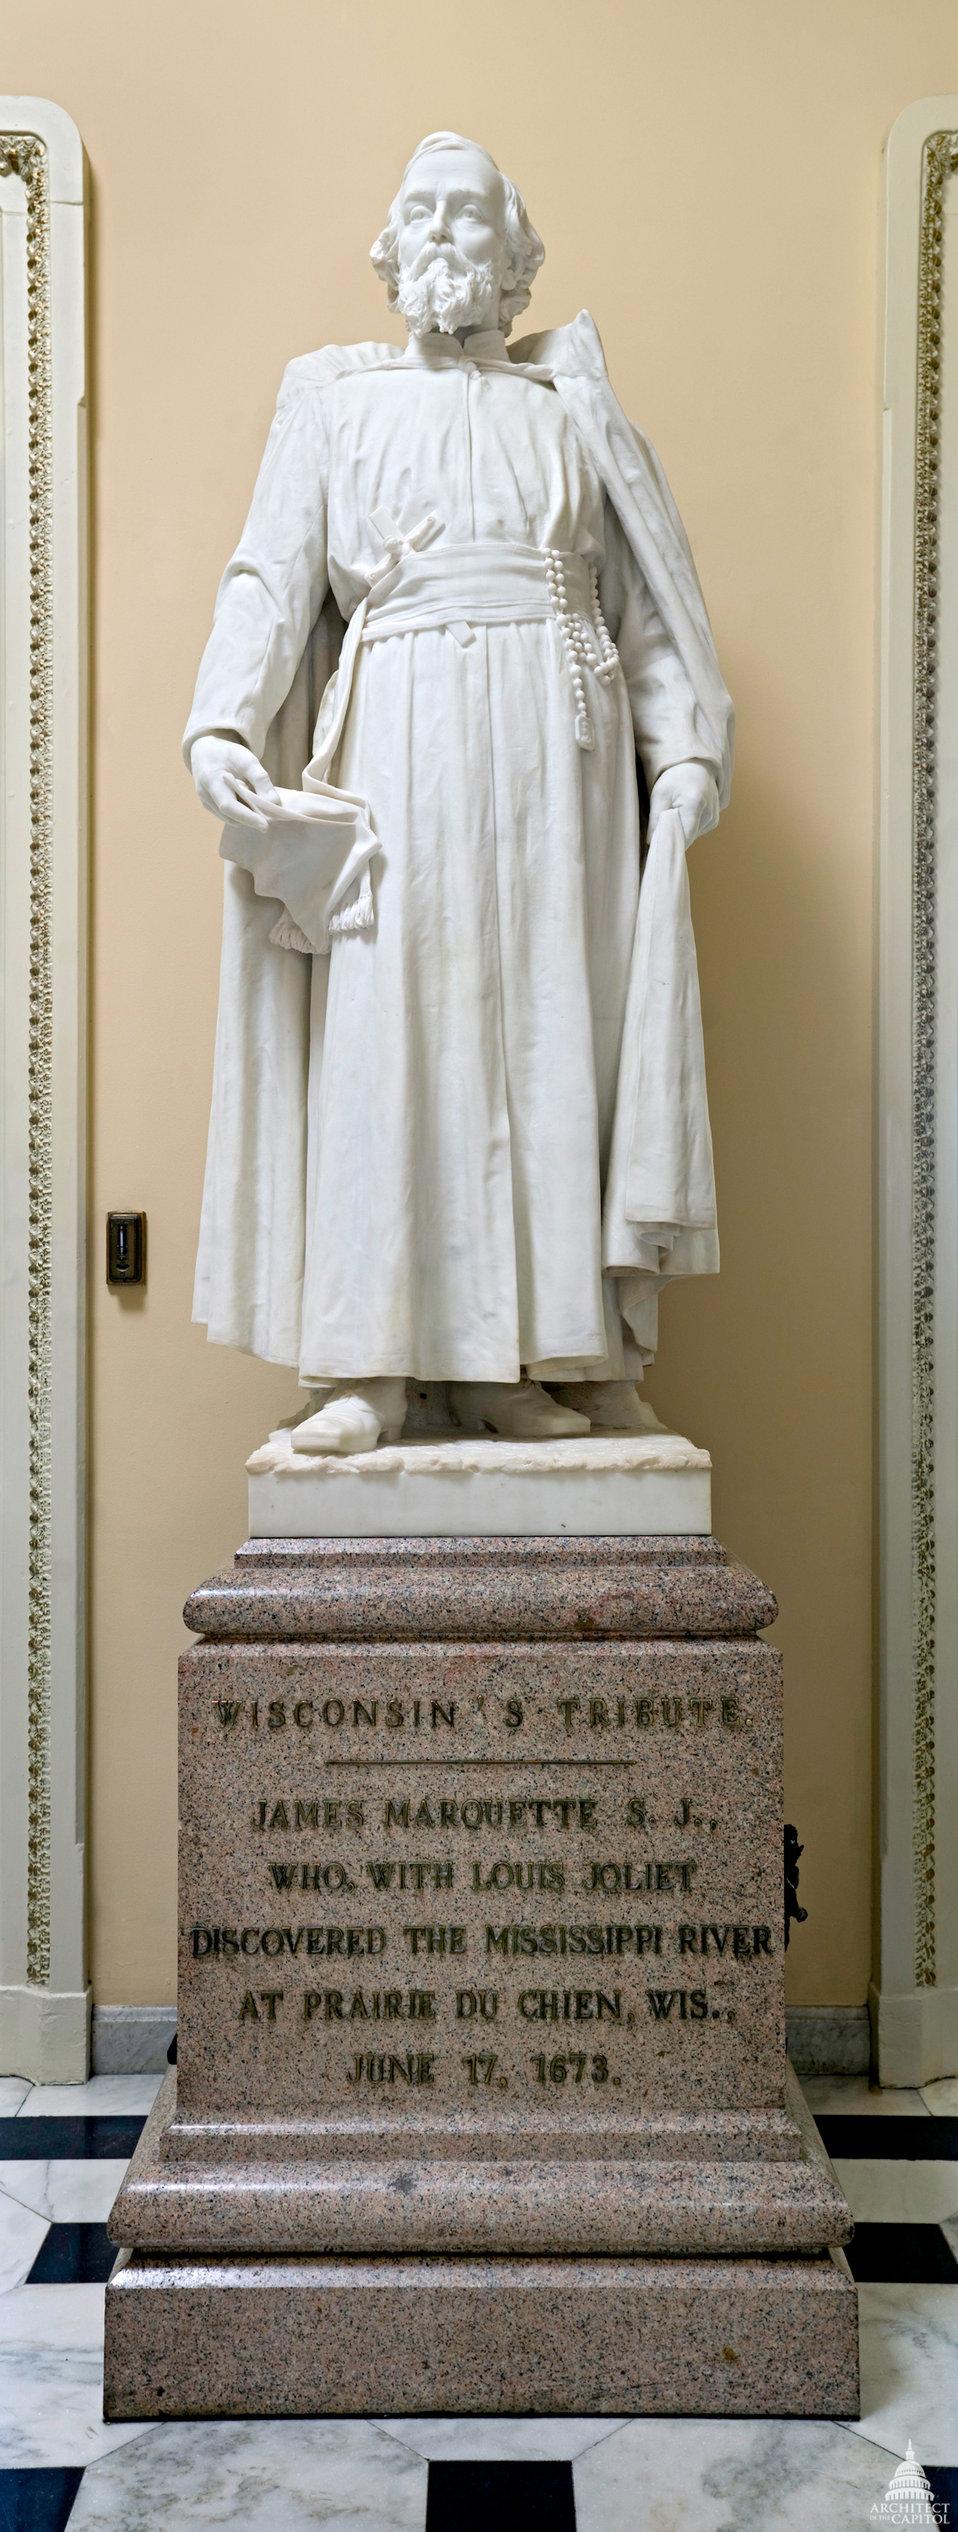 Jacques Marquette Statue